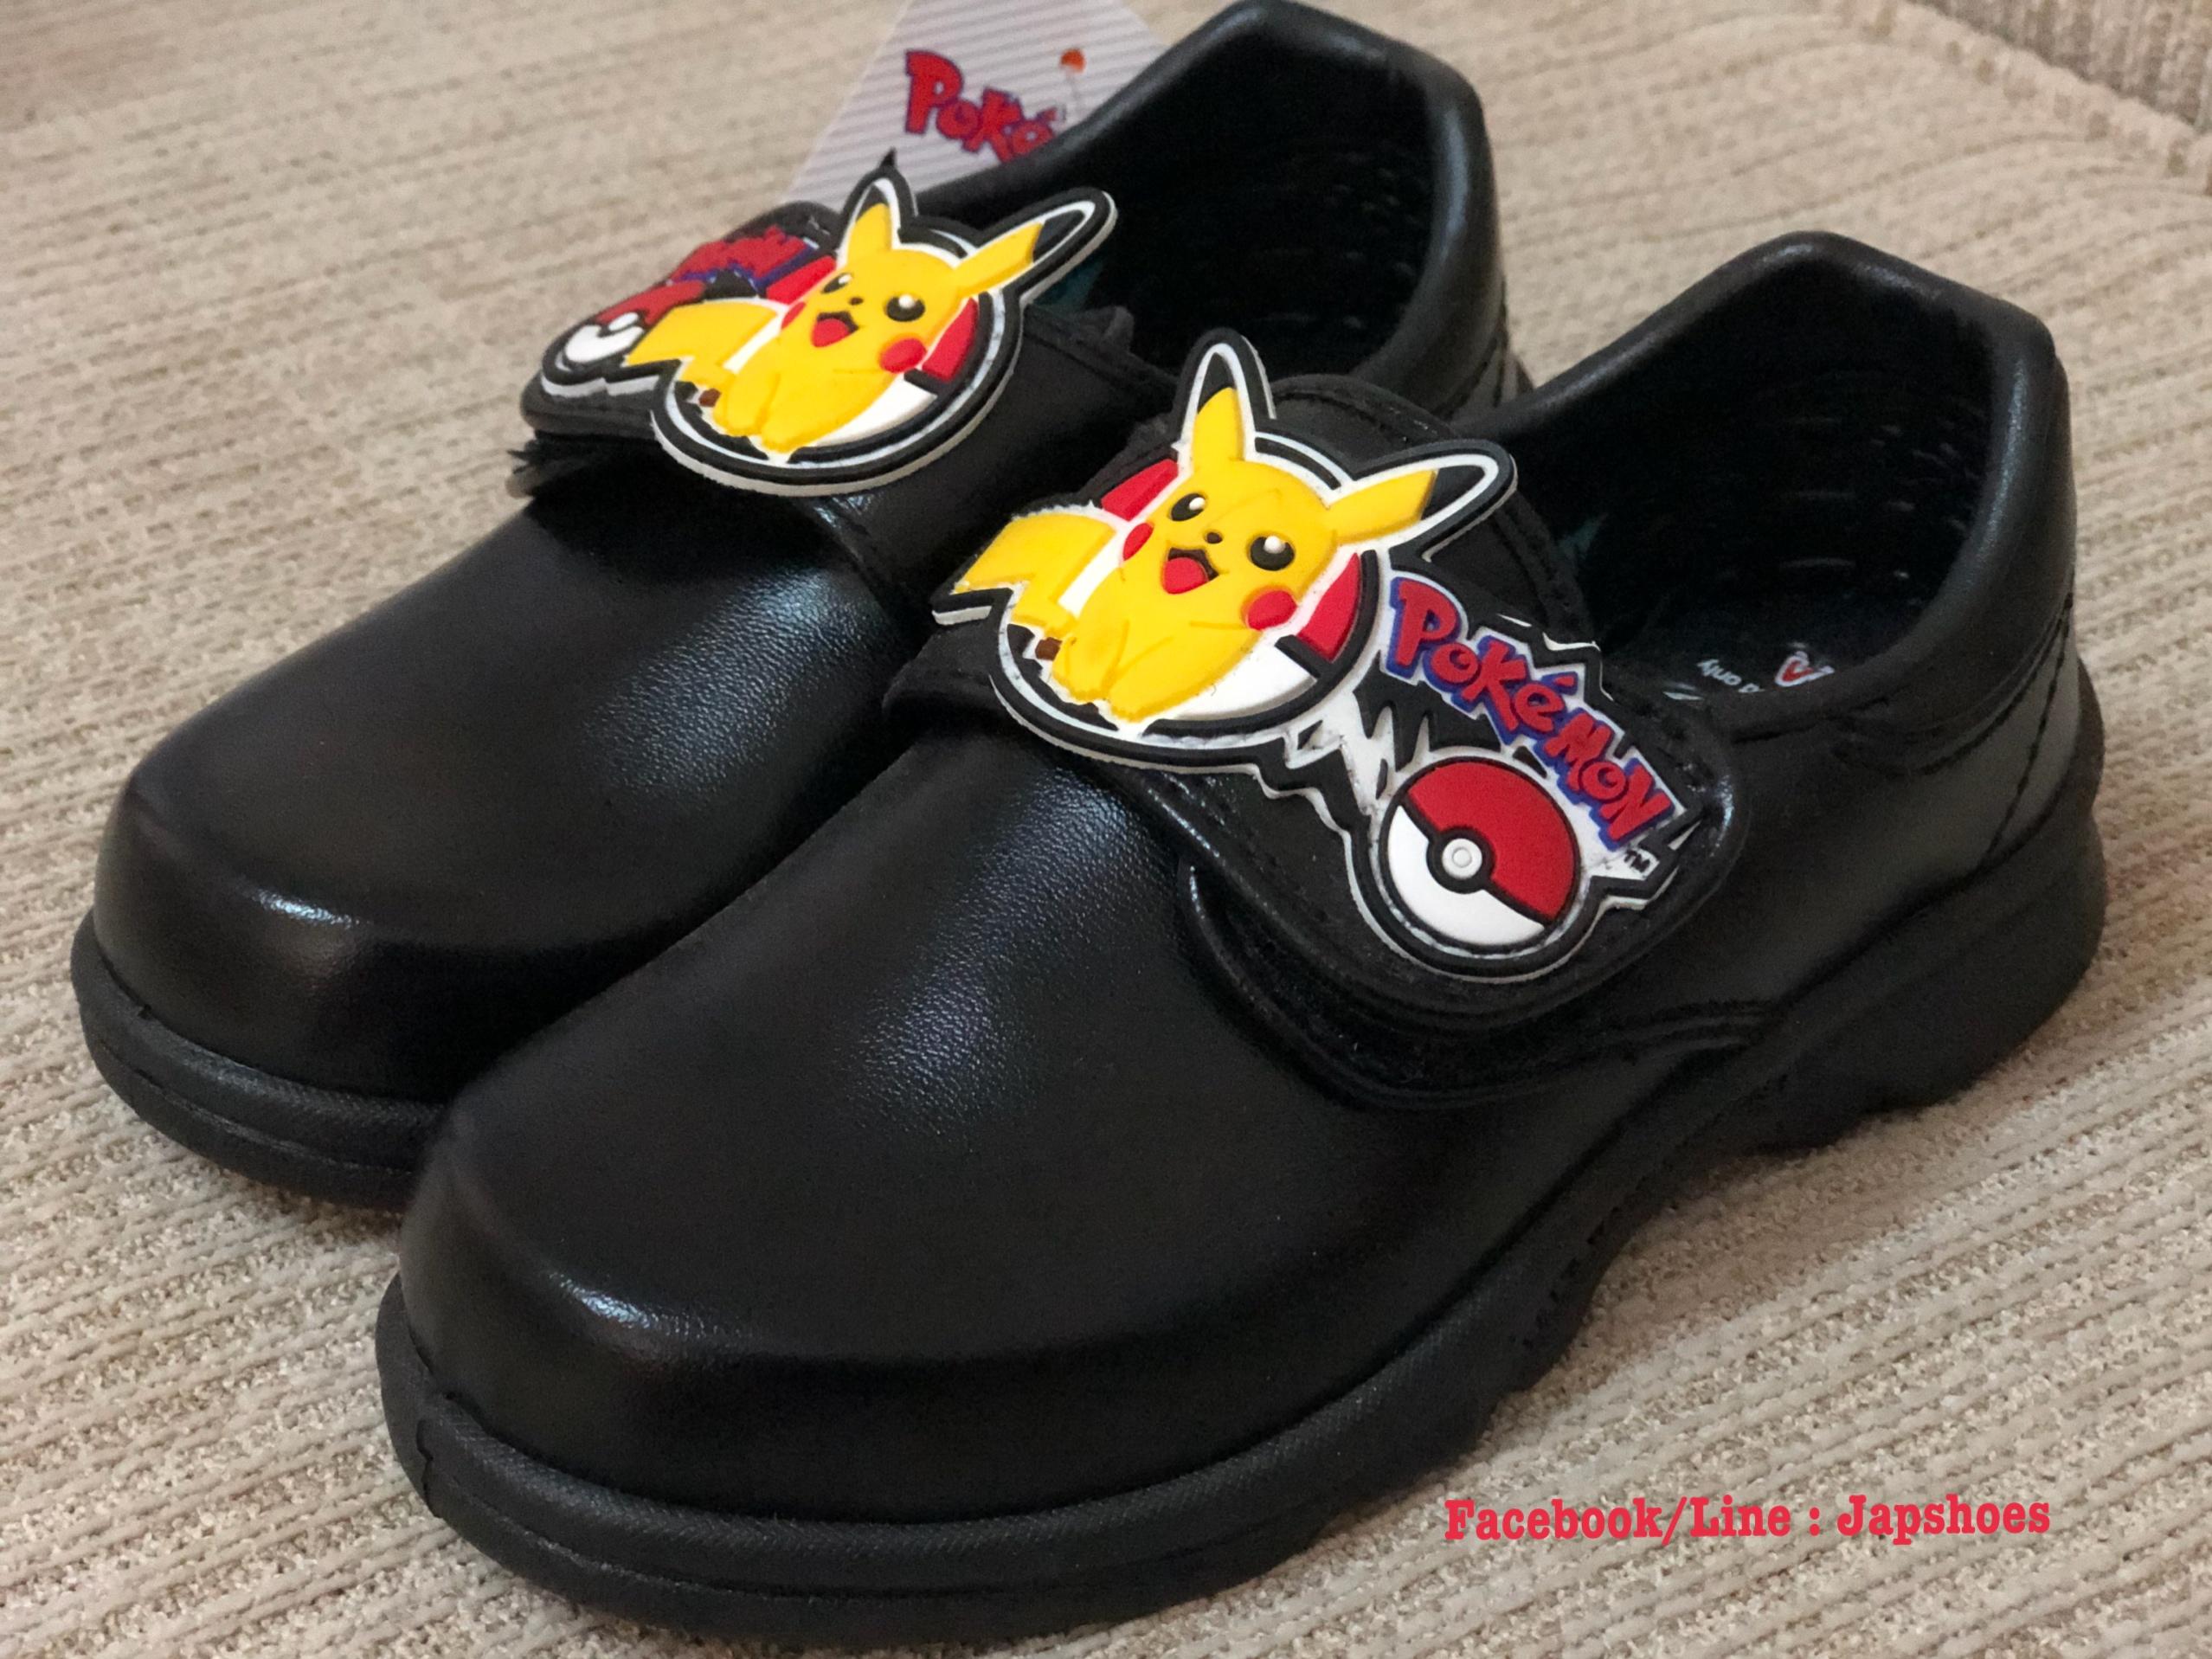 รองเท้านักเรียนชายโปเกมอน (adda)